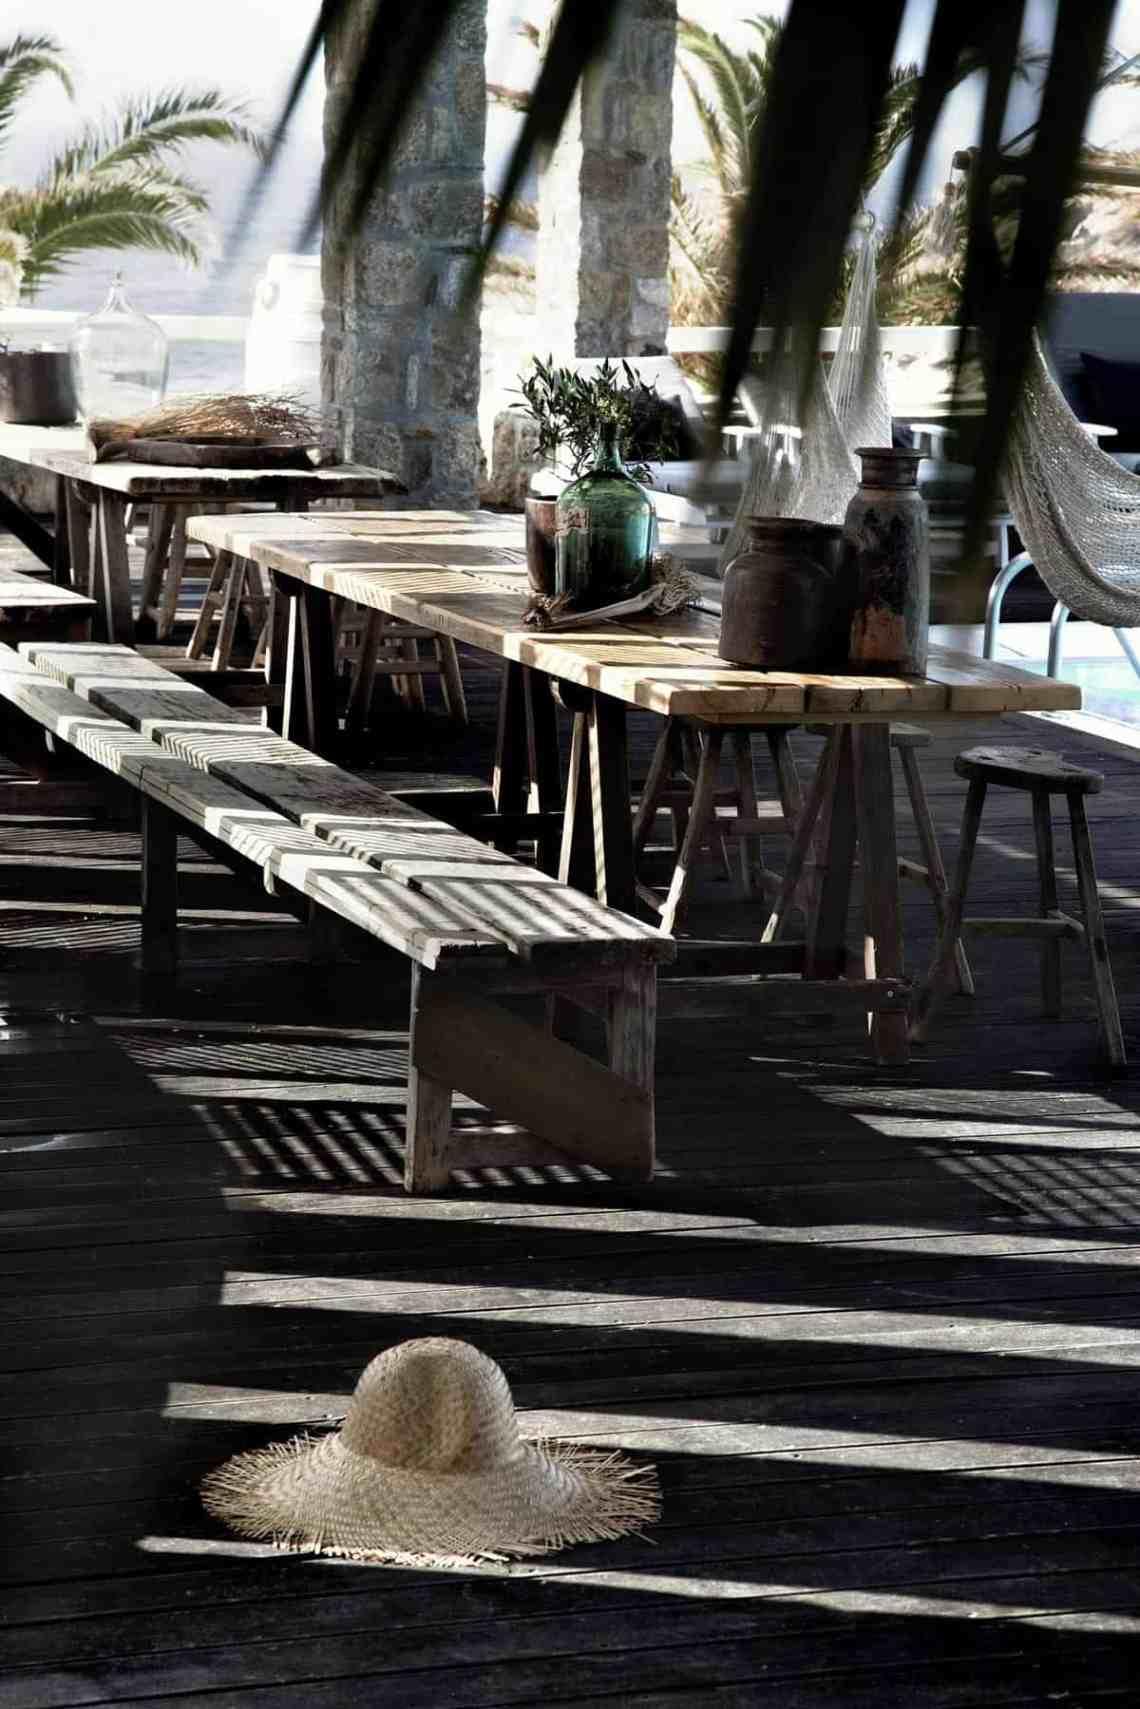 Binnenkijken   Rustieke luxe in San Giorgio Mykonos - Woonblog StijlvolStyling.com